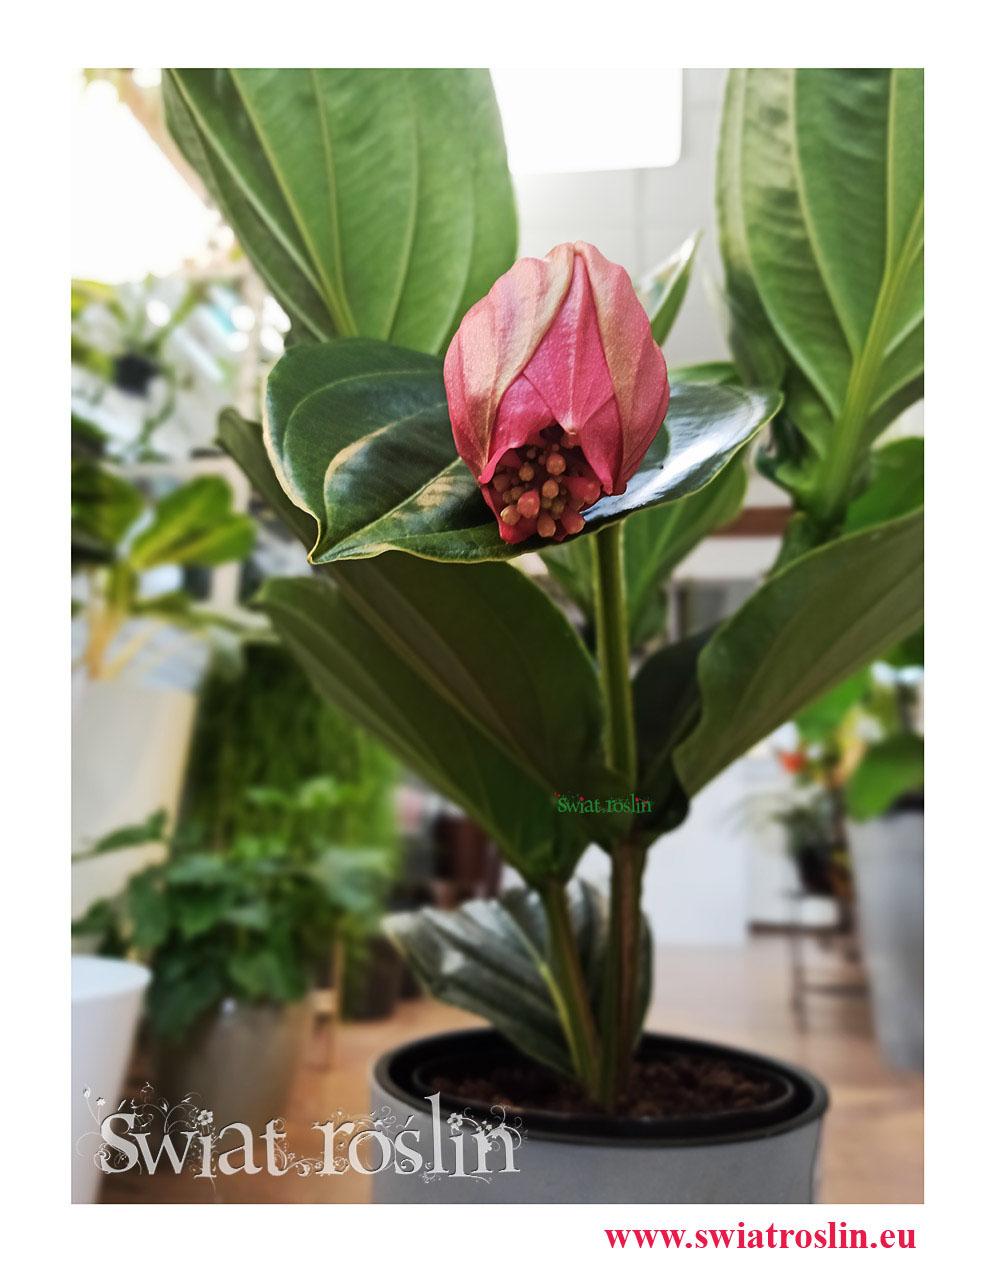 Medynila Wspaniała Flamenco, Medinilla Magnifica Flamenco, rośliny do biura, na parapet, do biurowca, kwiaty doniczkowe (1)